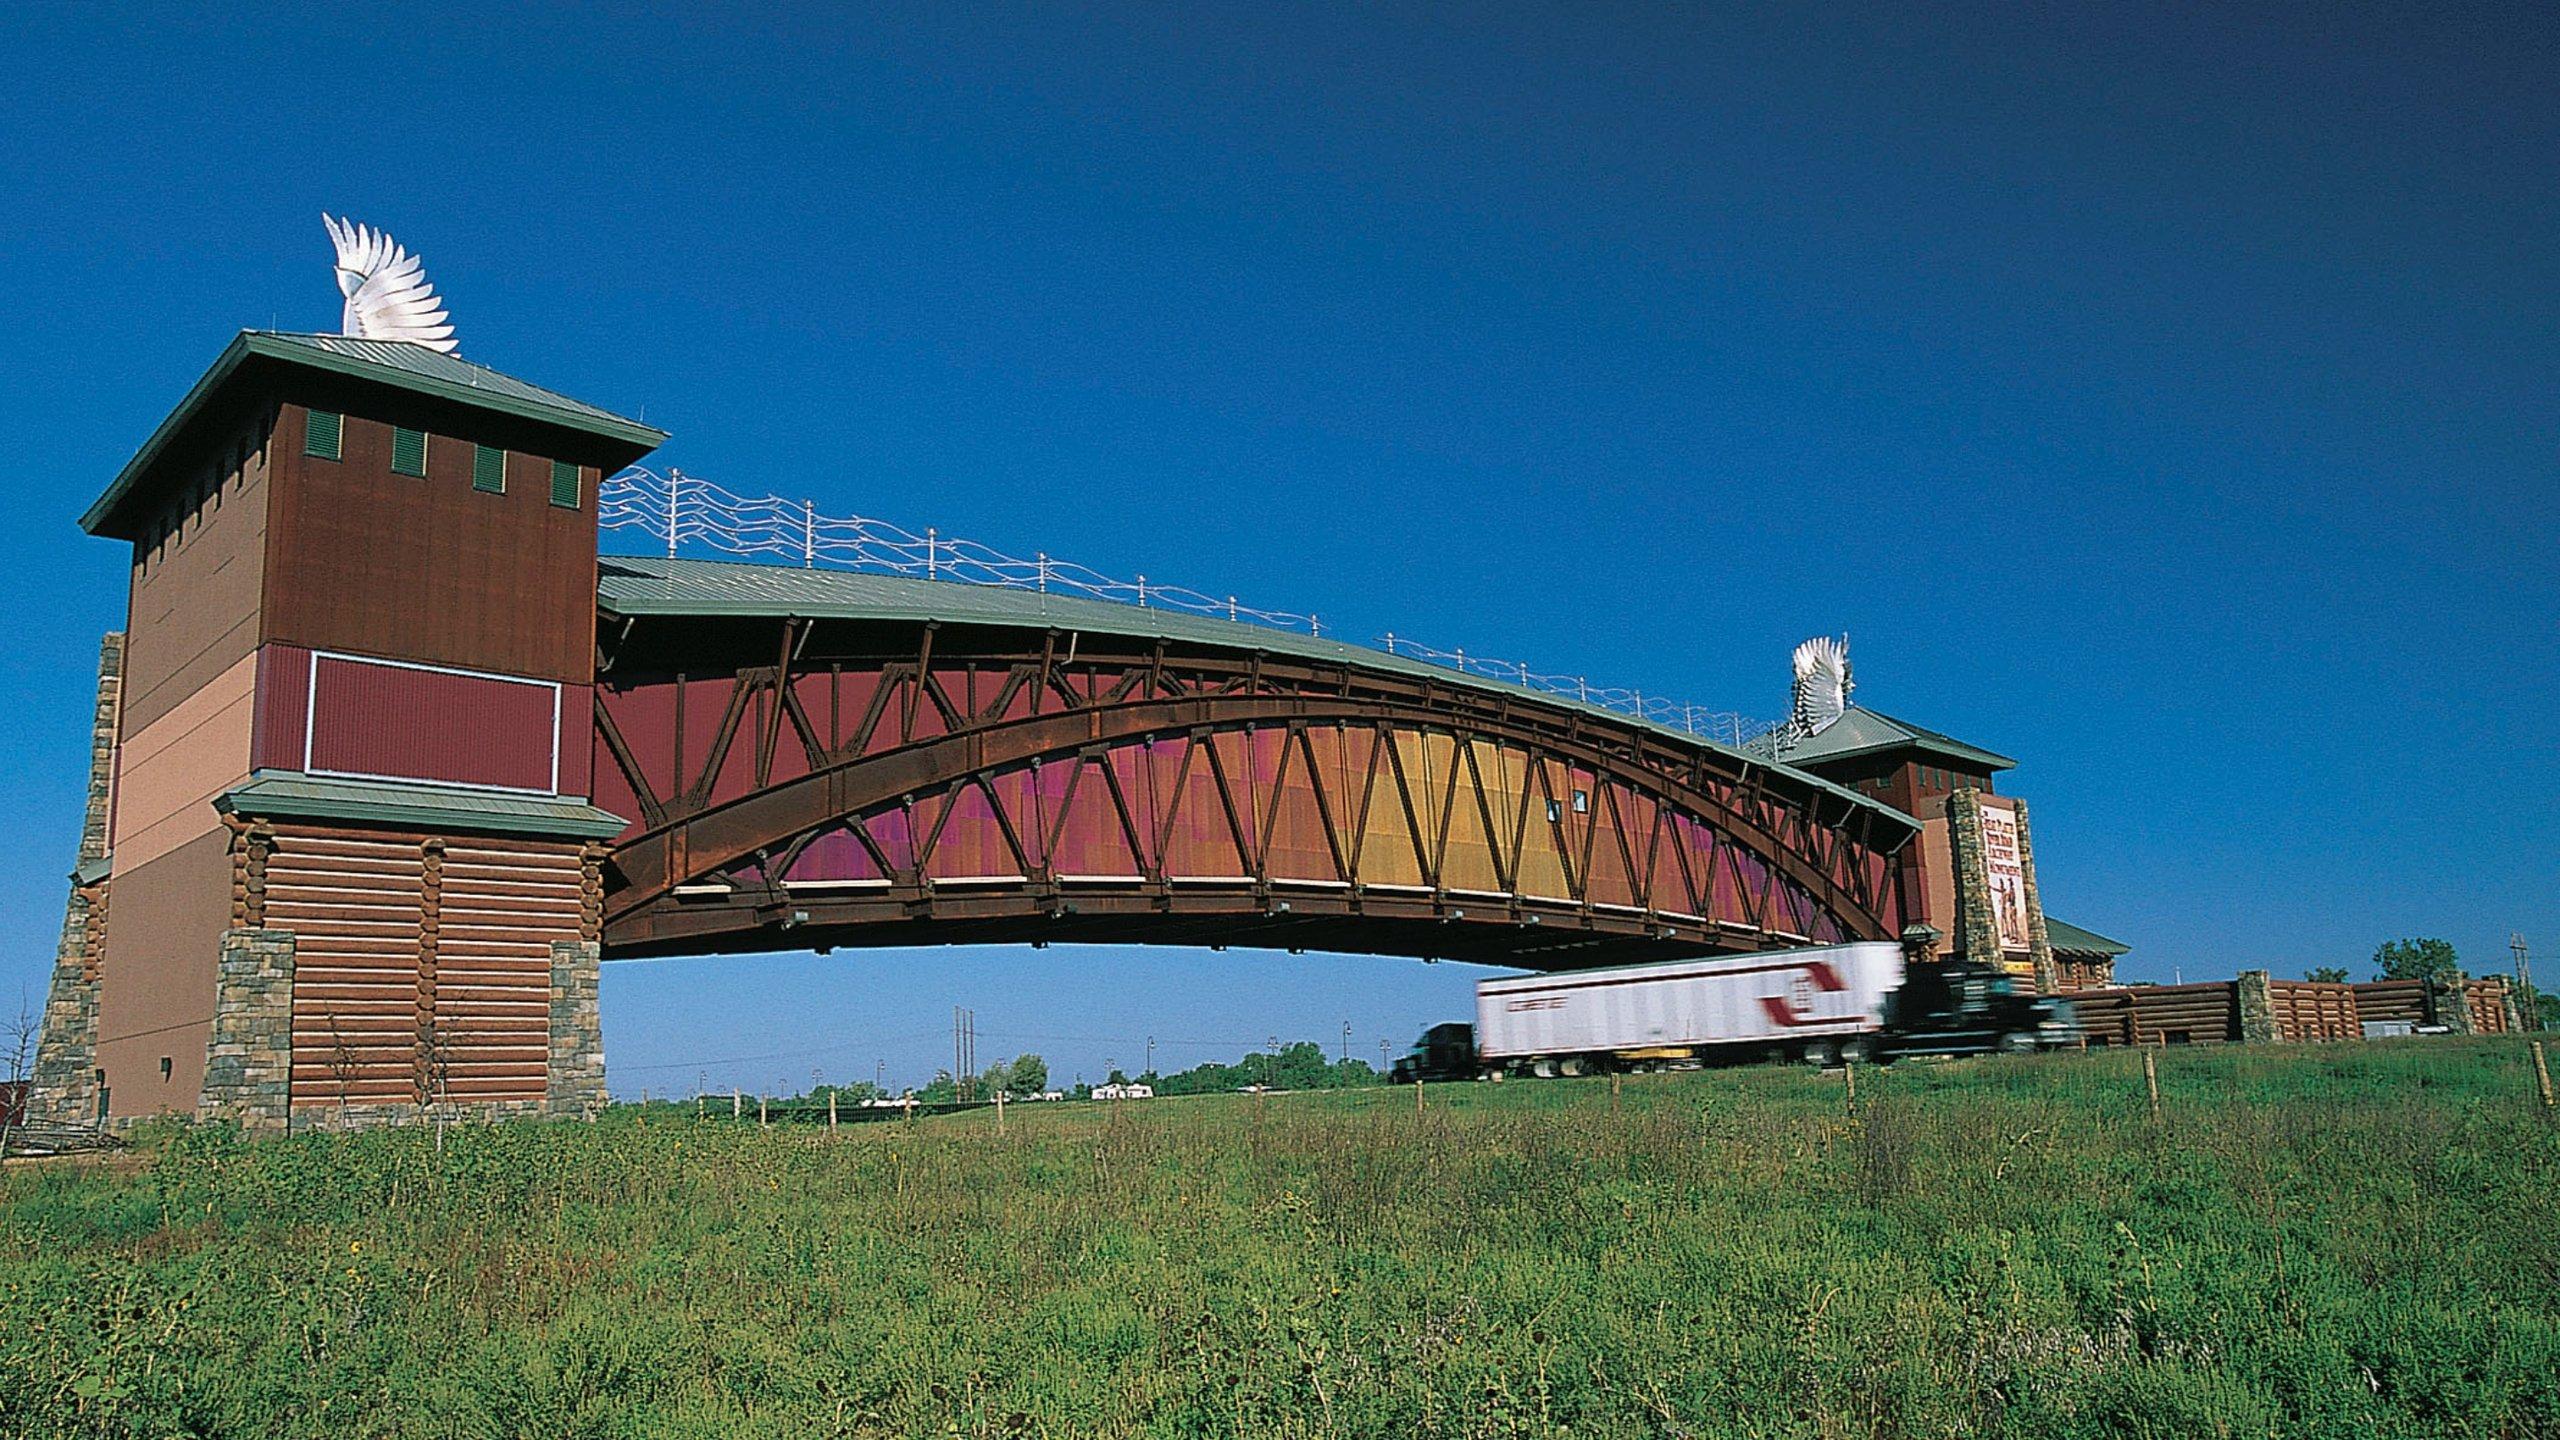 Great Platte River Road Archway joka esittää vanha arkkitehtuuri ja silta